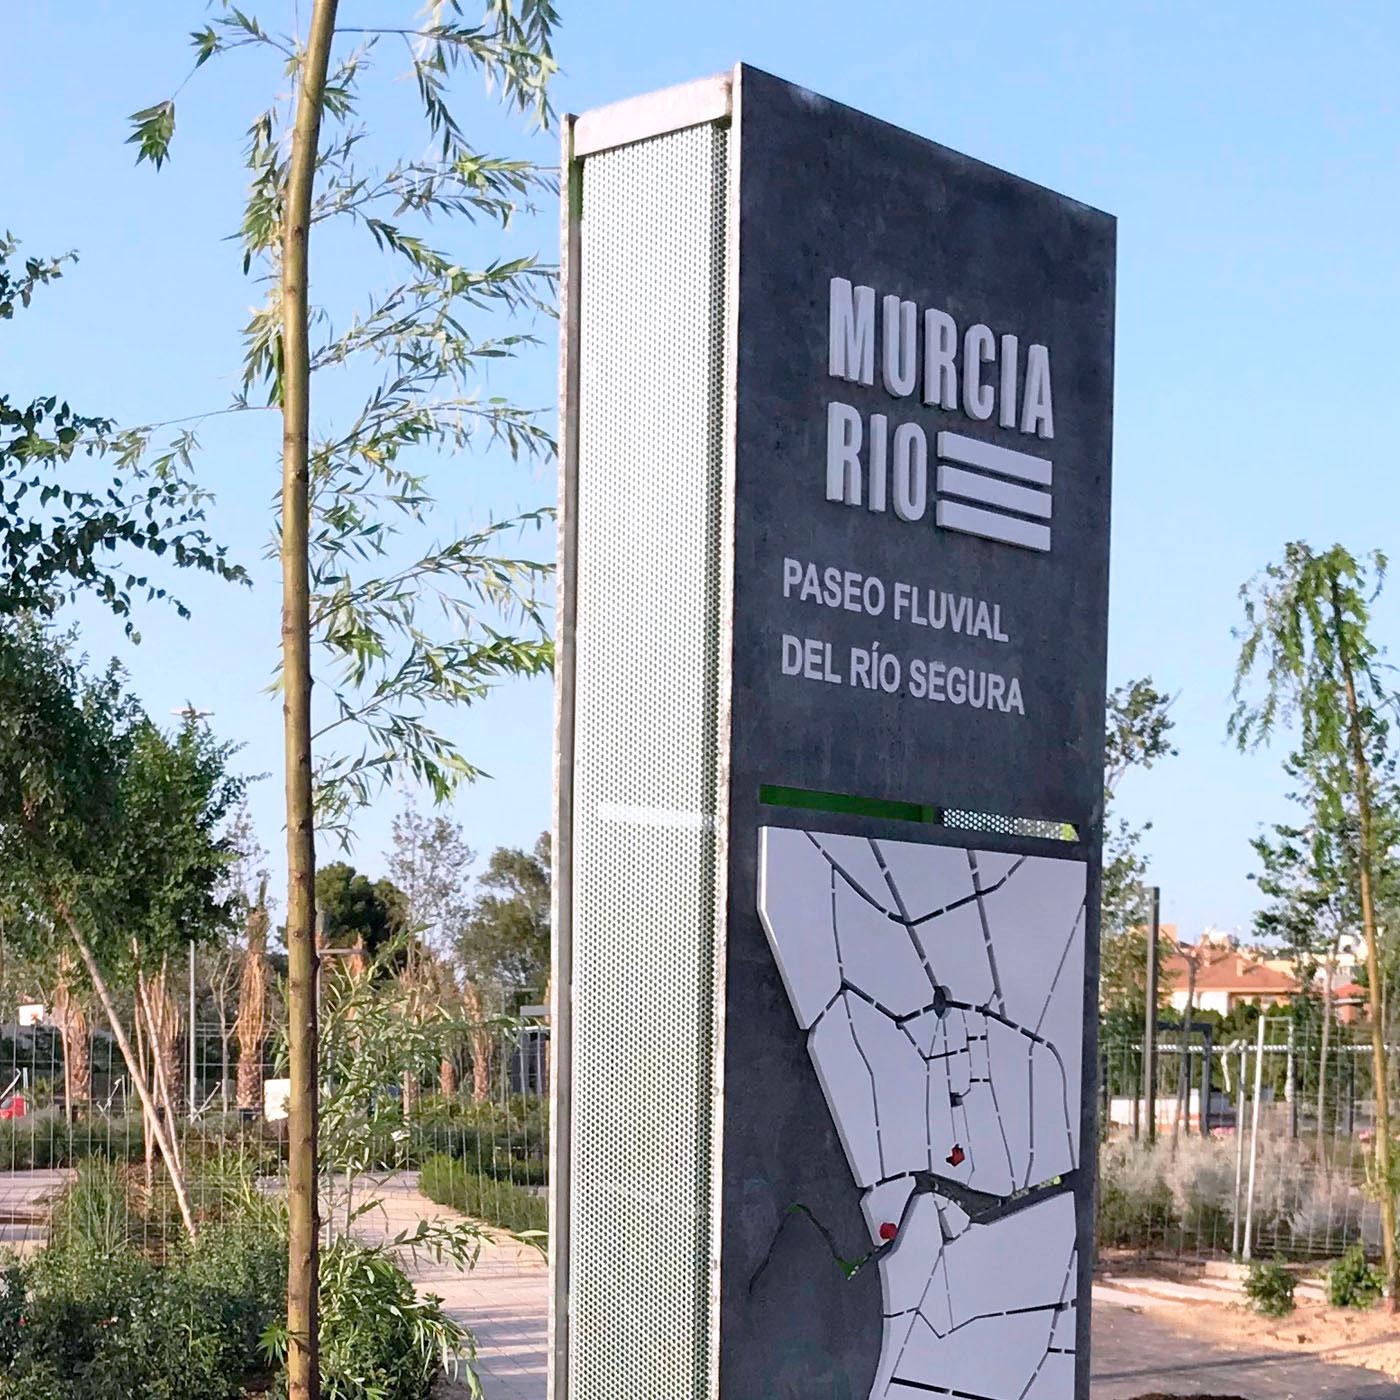 Murcia rio, Totem. Trabajo realizado por Rótulos Art Design.